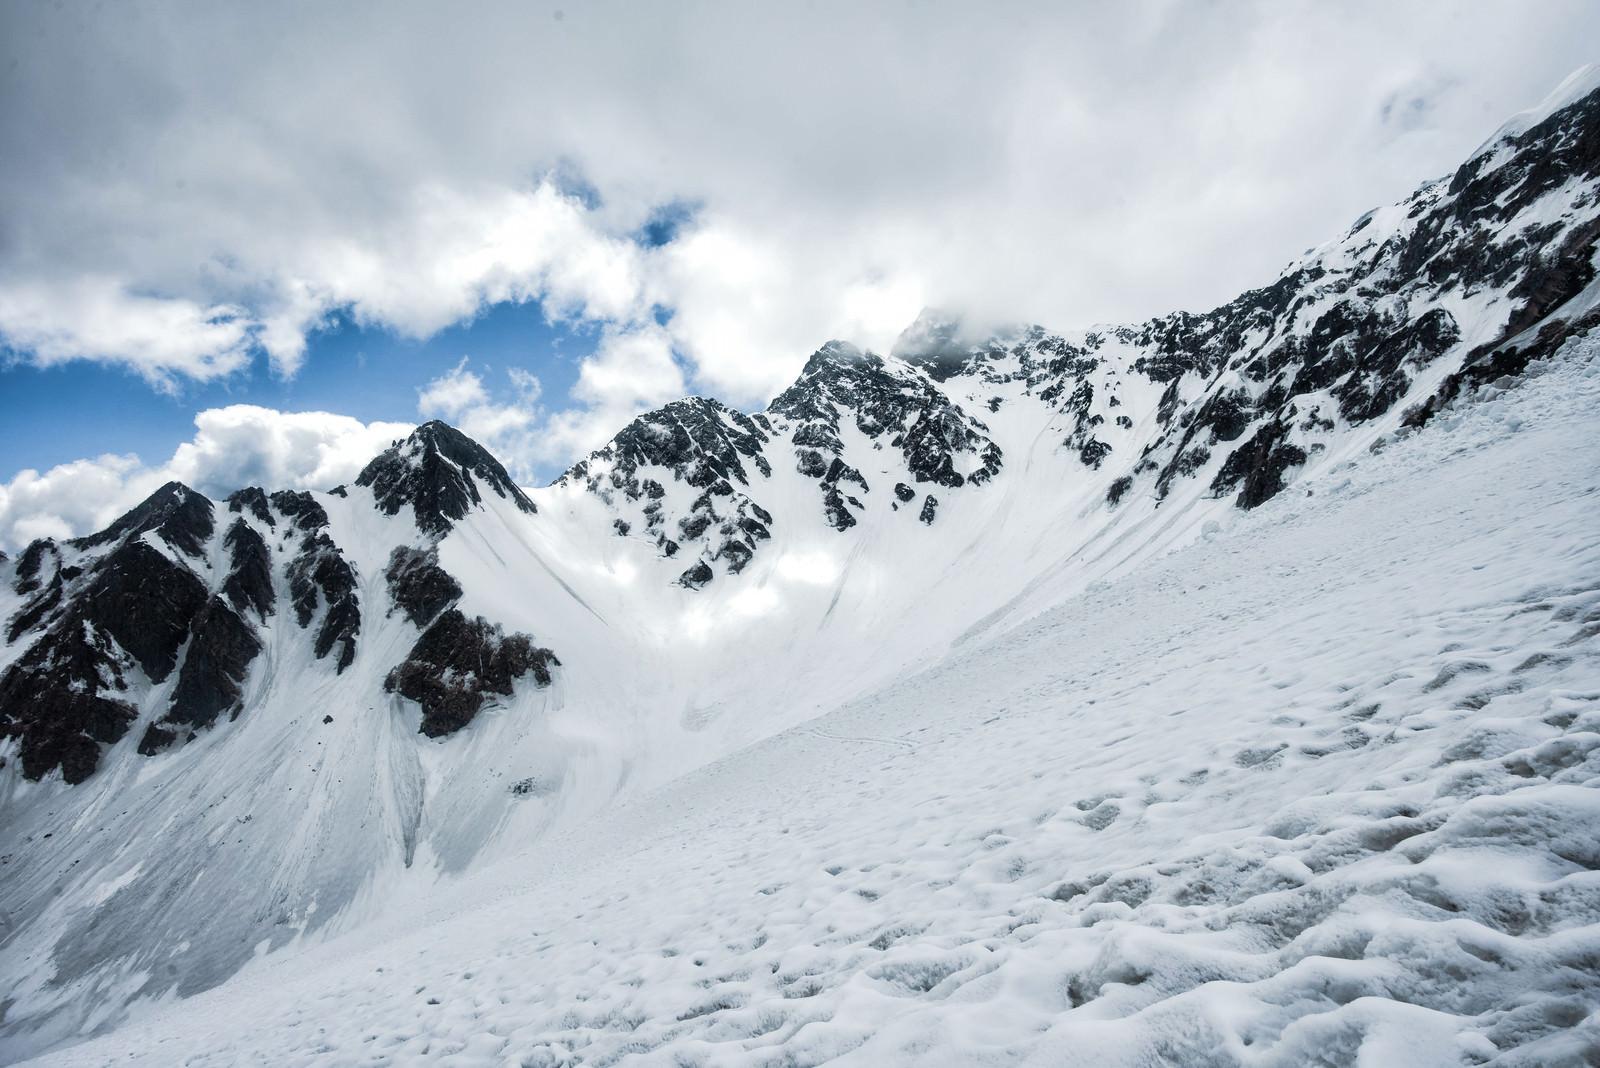 「僅かな晴れ間から覗く前穂高岳(飛騨山脈)」の写真